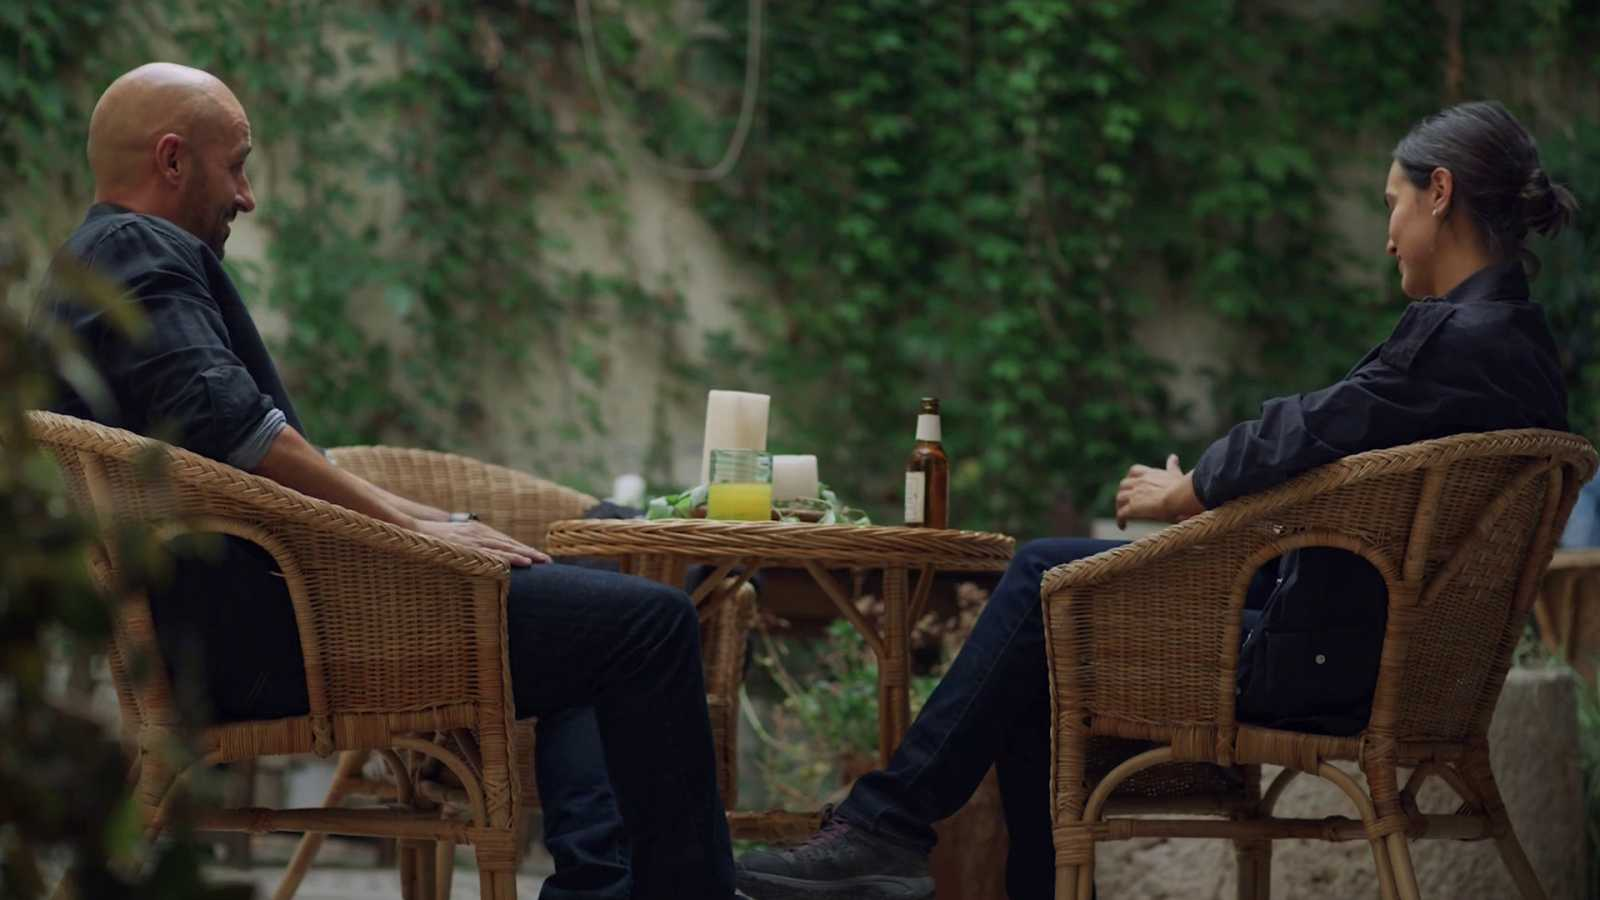 La caza. Tramuntana - Sara y Víctor hablan sobre su relación